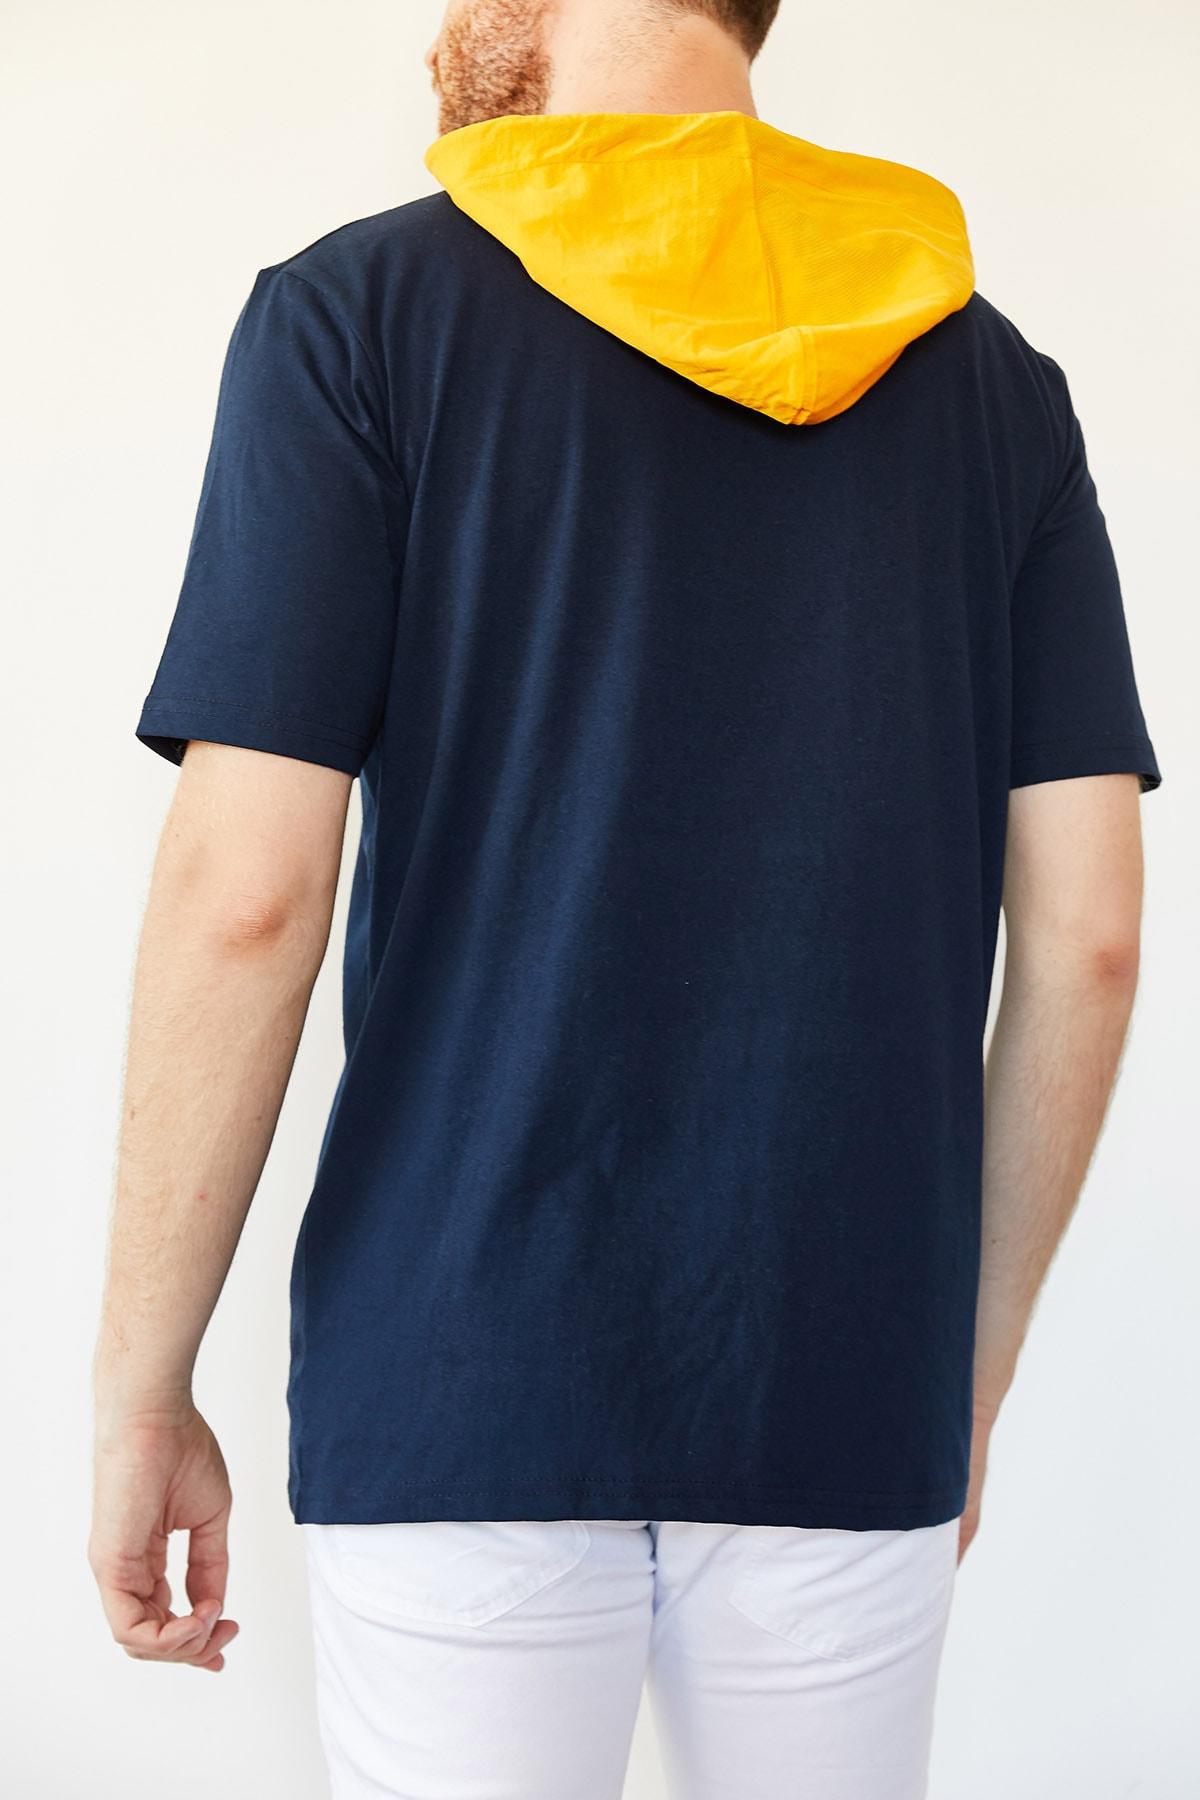 XHAN Lacivert Cep Detaylı Kapüşonlu T-shirt 0yxe8-44091-14 2